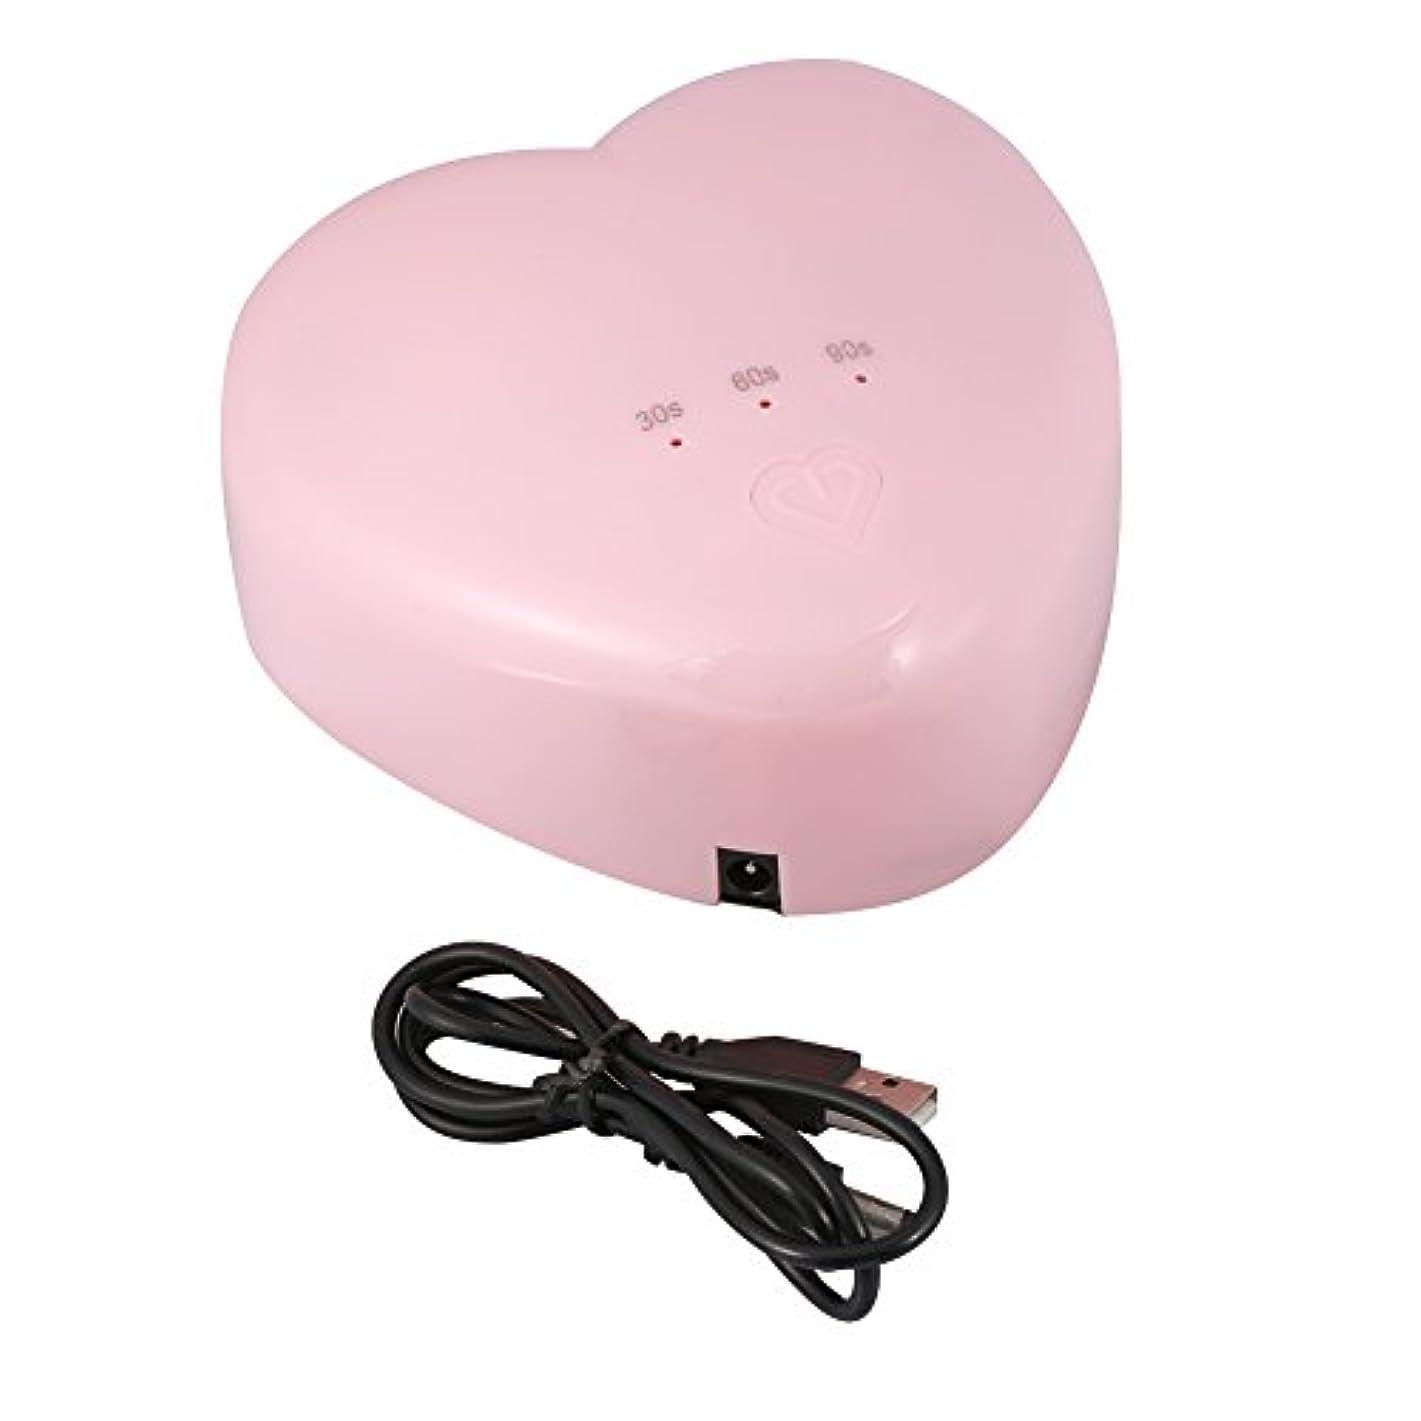 起こる行精度18Wハート型UVLEDランプネイルドライヤーネイルポーランドアートツール用硬化(ピンク)